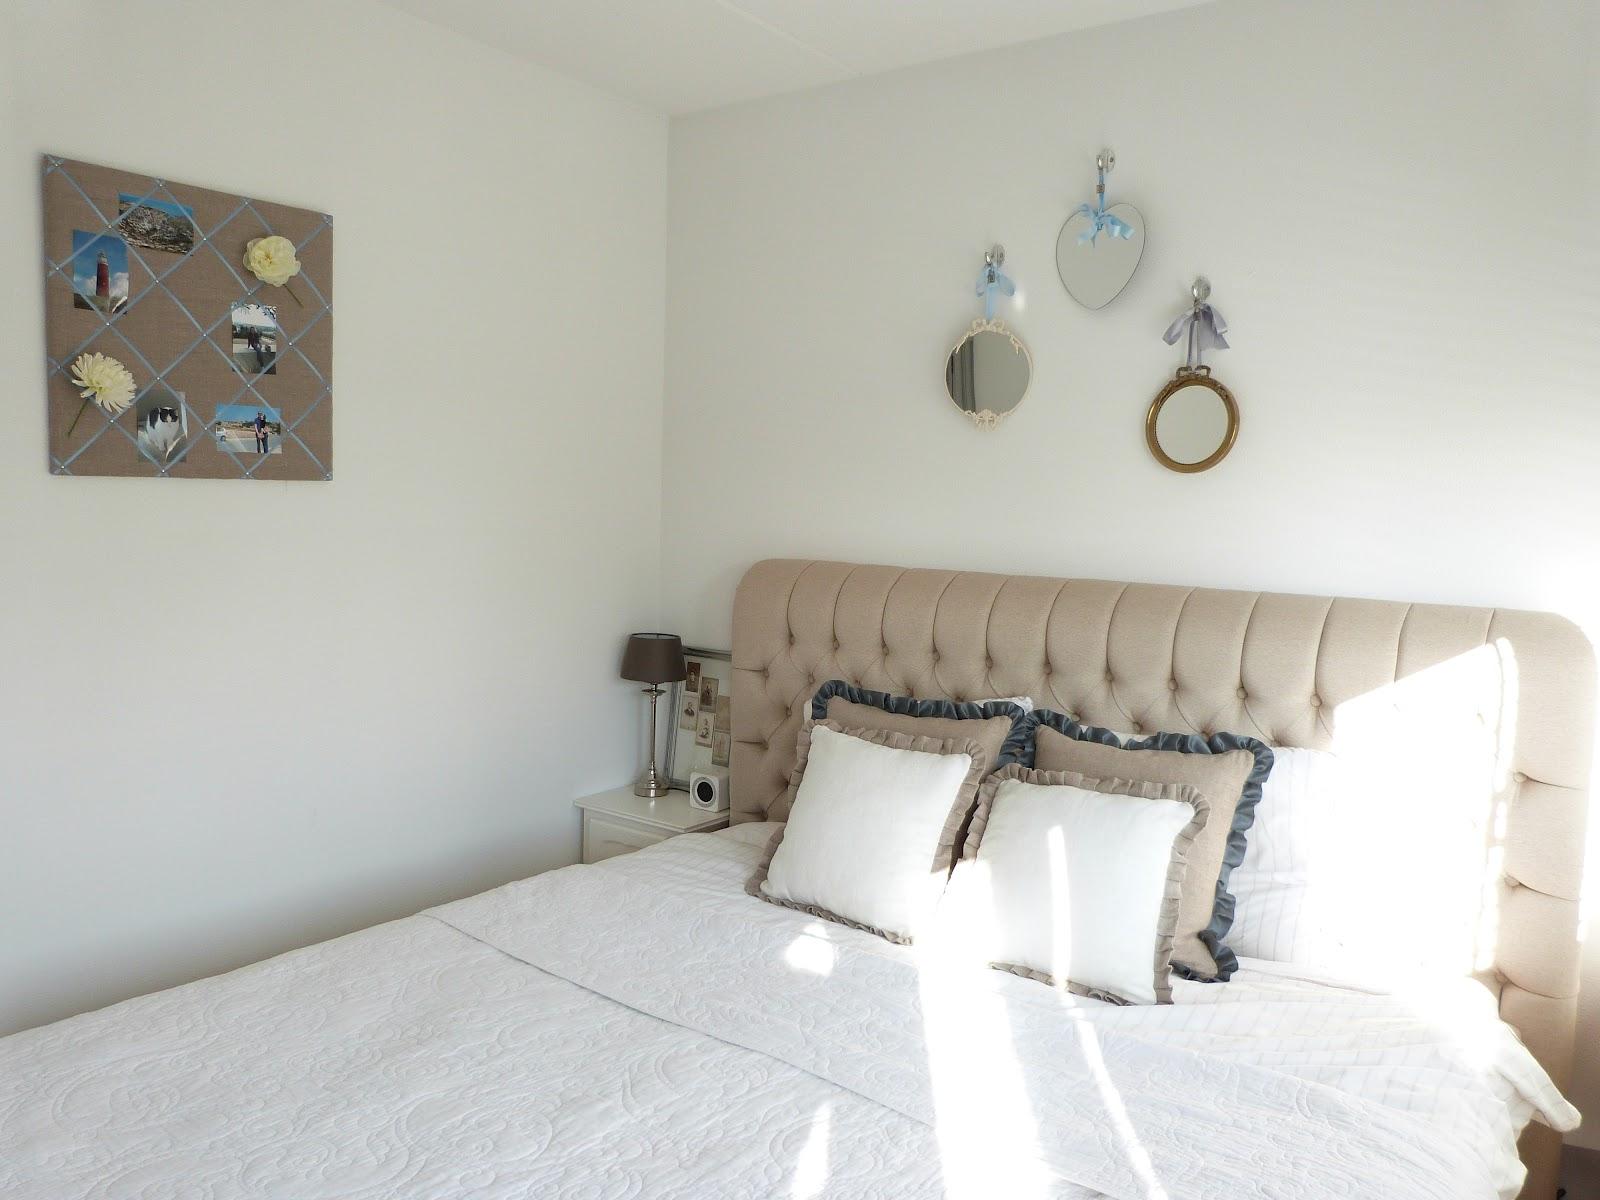 Rustgevende slaapkamer kleuren ~ [Spscents.com]